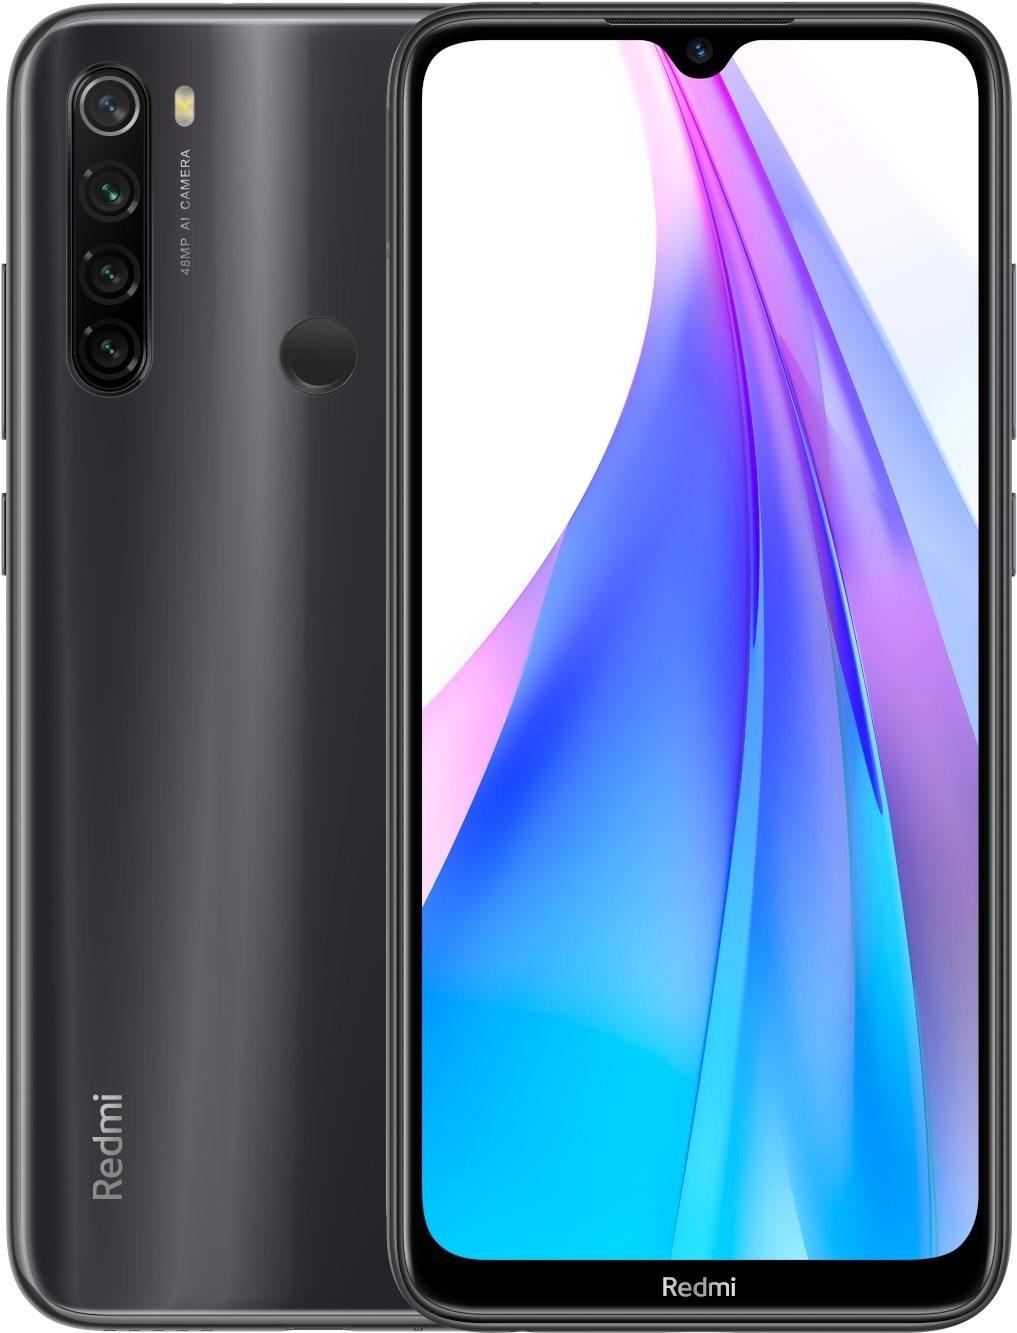 Smartphone Xiaomi Redmi Note 8 T (128 Go) + Forfait Free Mobile pendant 24 mois (Appels, SMS, MMS Illimités + 100 Go de DATA)